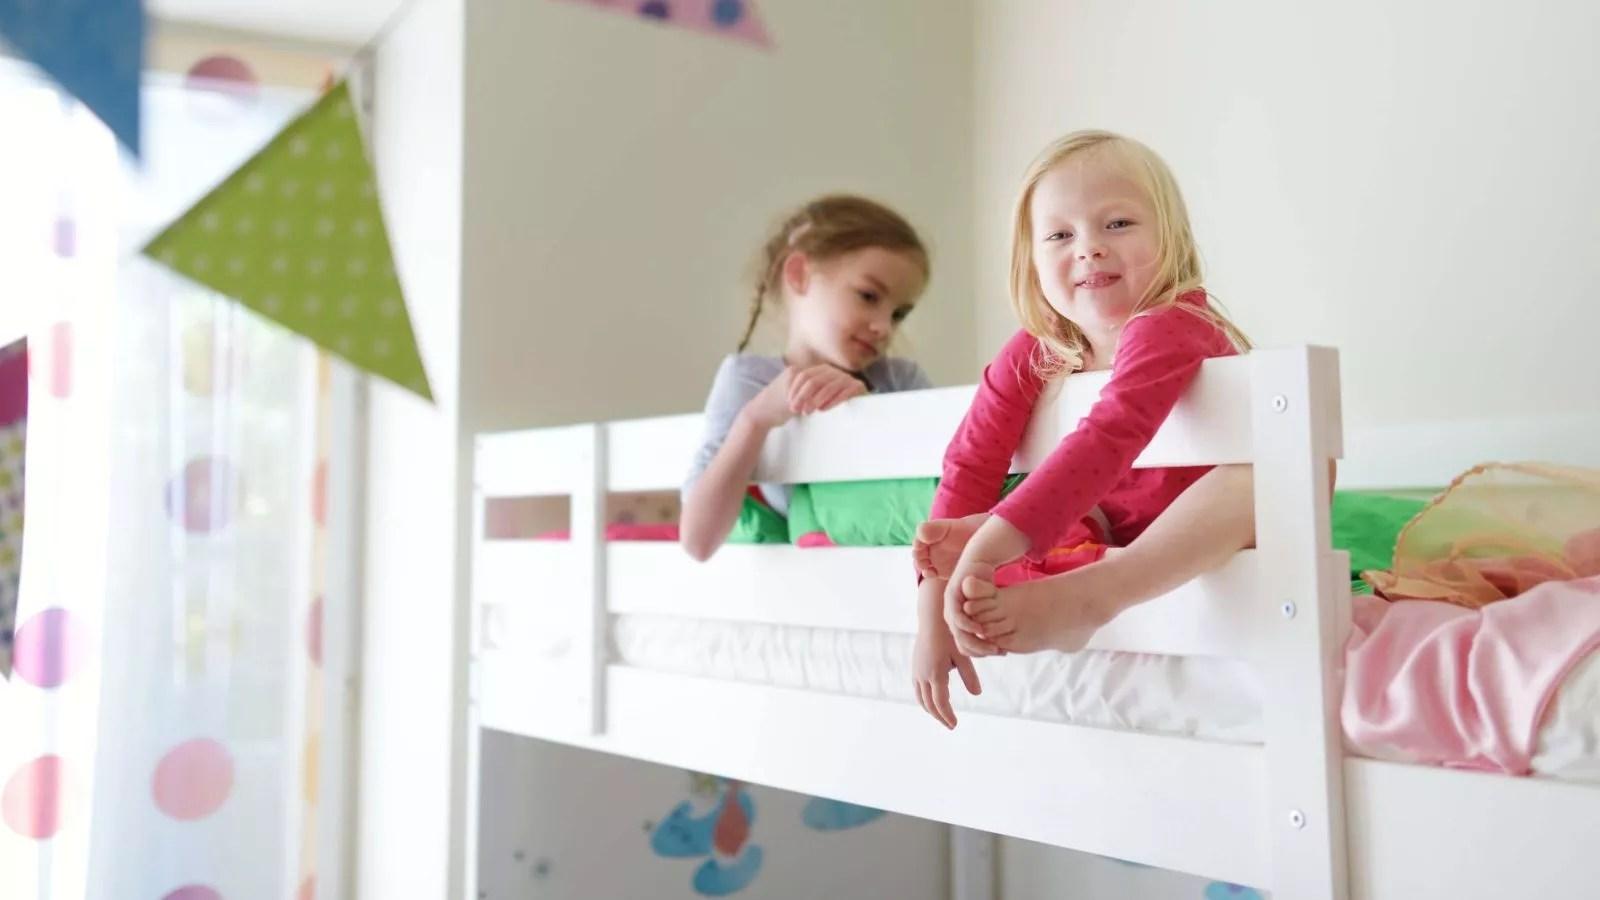 Bunk Beds Recalled In Aftermath Of Child S Death Swartz Swartz P C